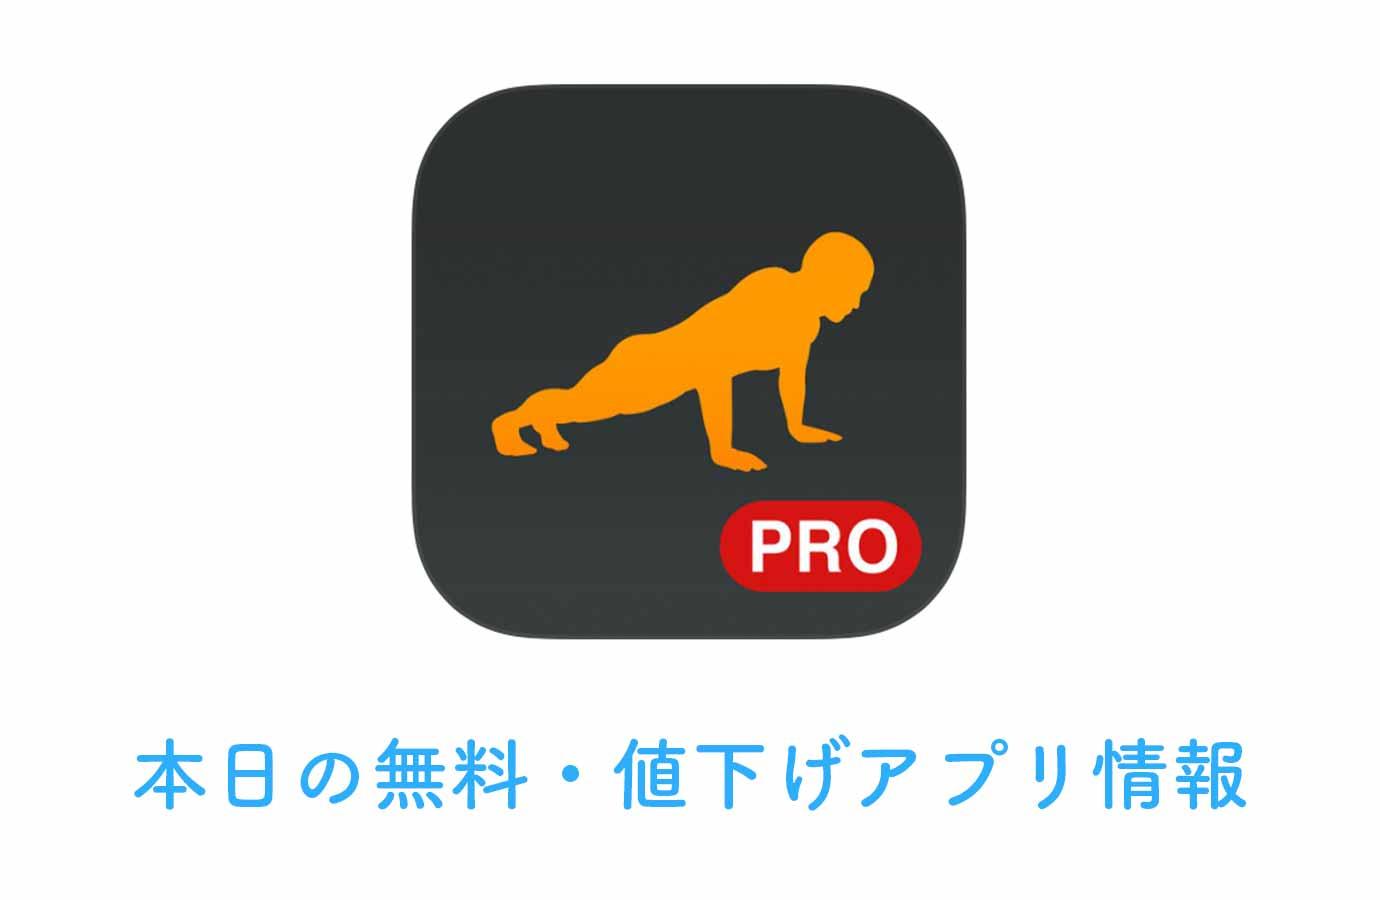 250円→無料、腕立て伏せトレーニング支援アプリ「Runtastic 腕立て伏せ PRO」など【6/17】本日の無料・値下げアプリ情報